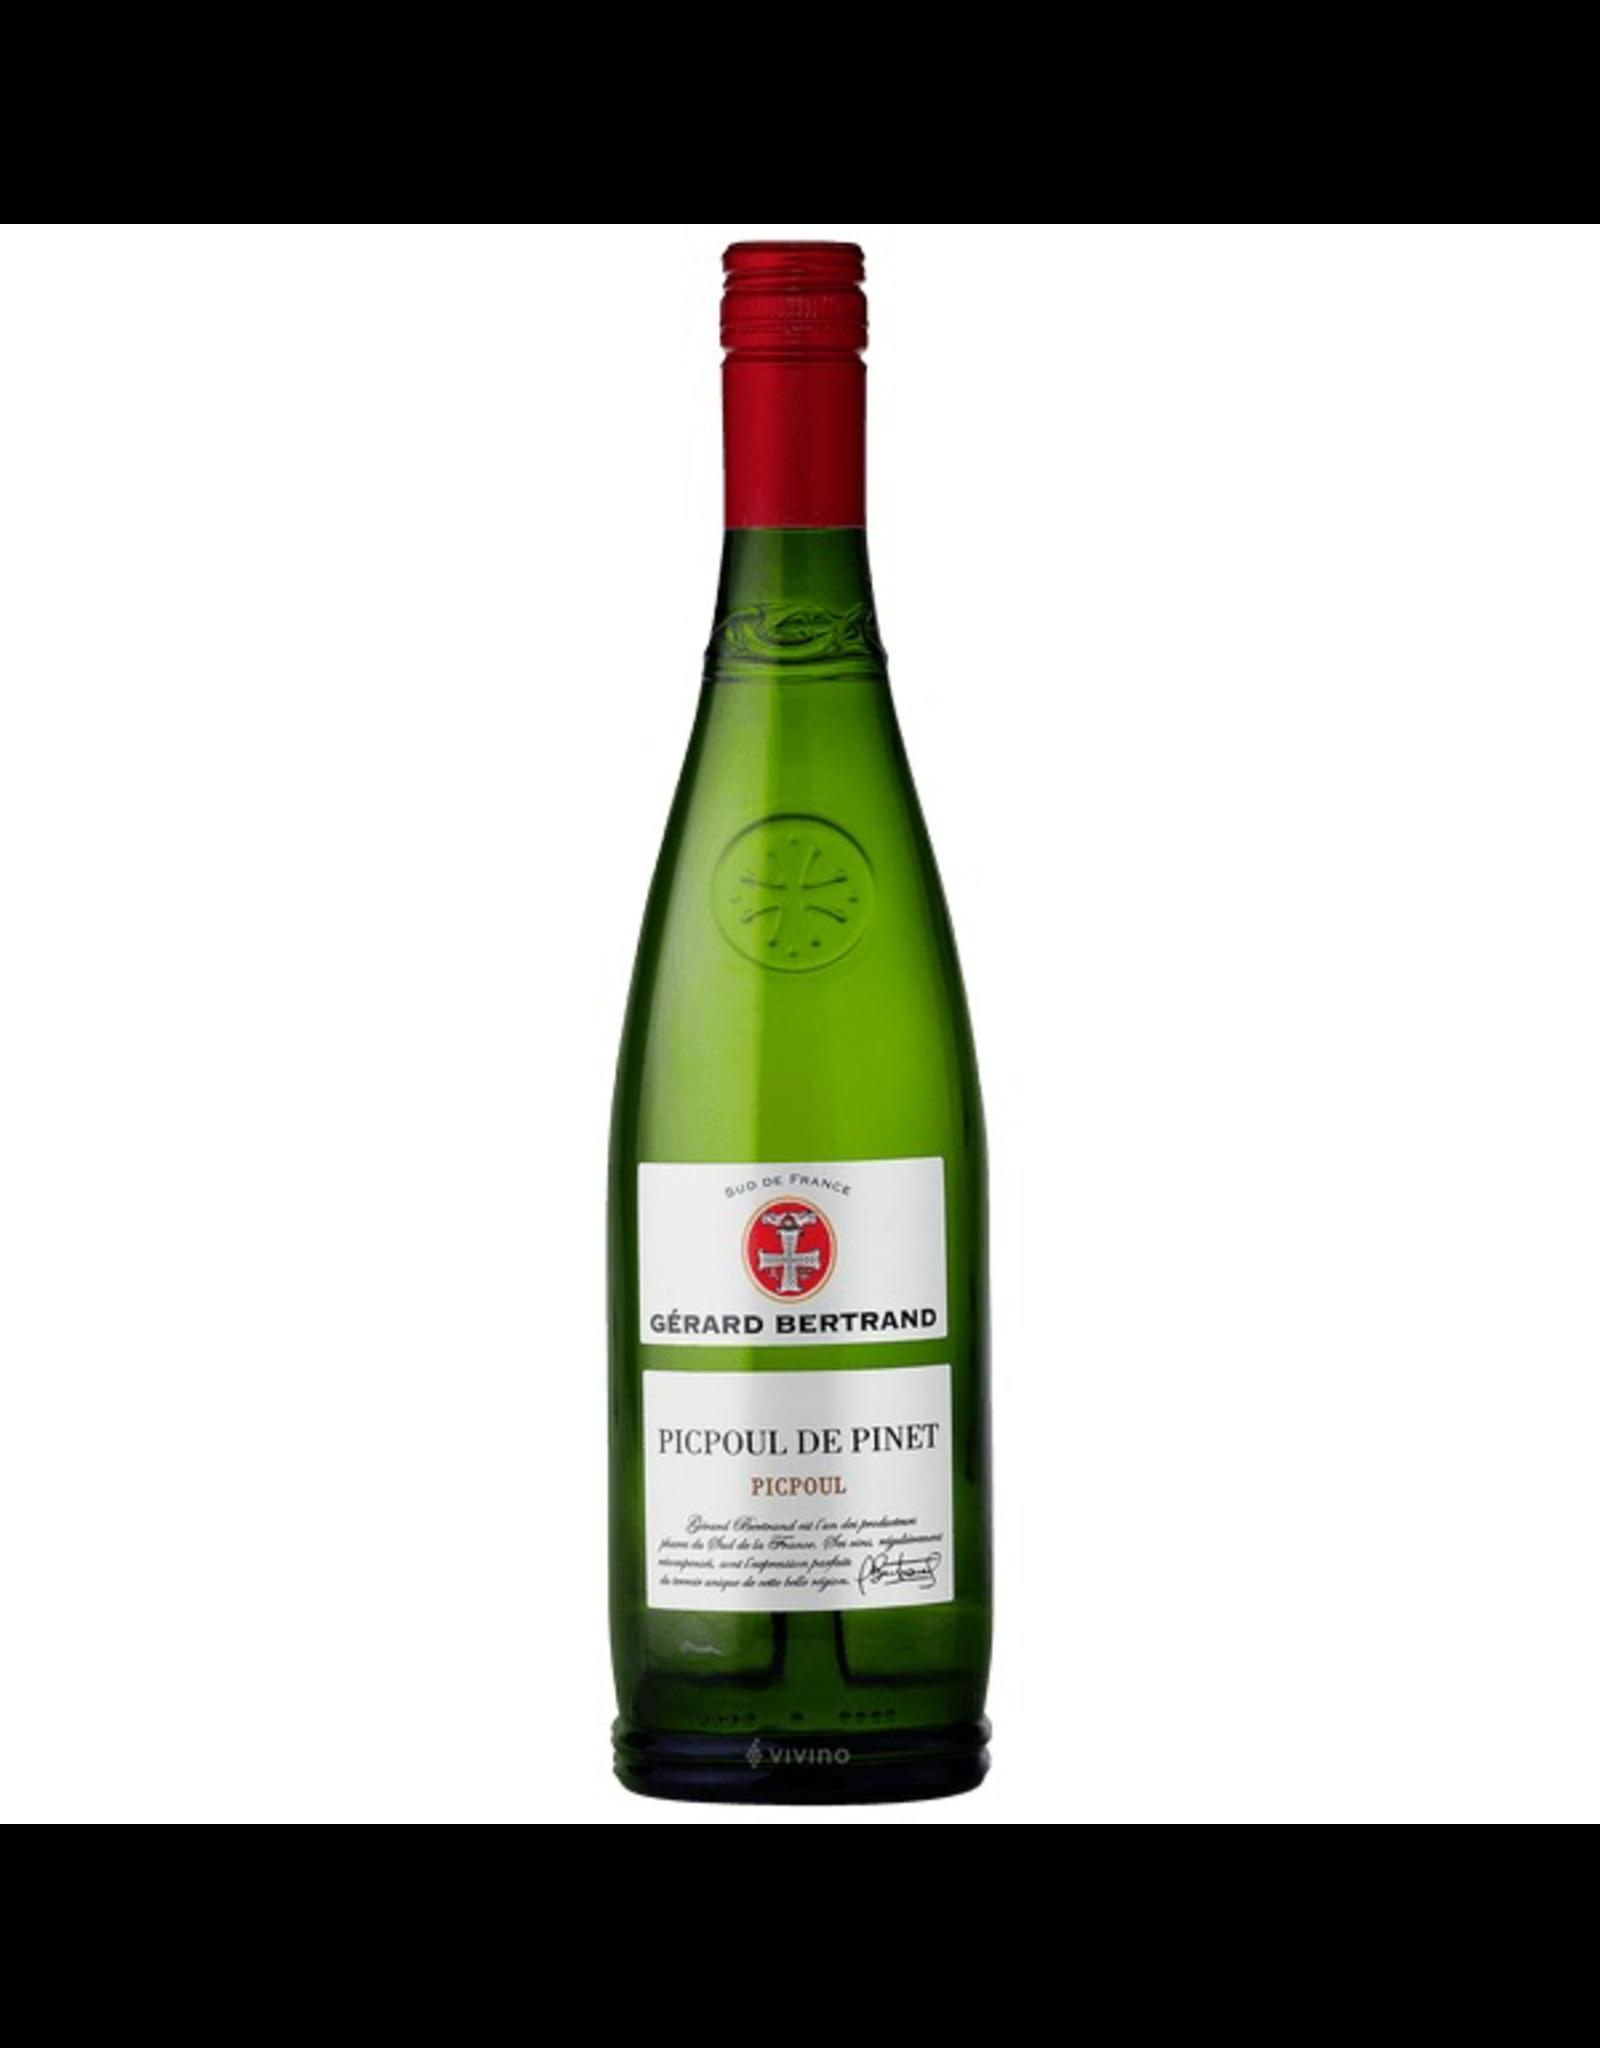 White Wine 2019, Gerard Bertrand, Picpoul De Pinet, Picpoul, Pays D'OC, Languedoc Roussillon, Sud De France, 13% Alc, CTnr